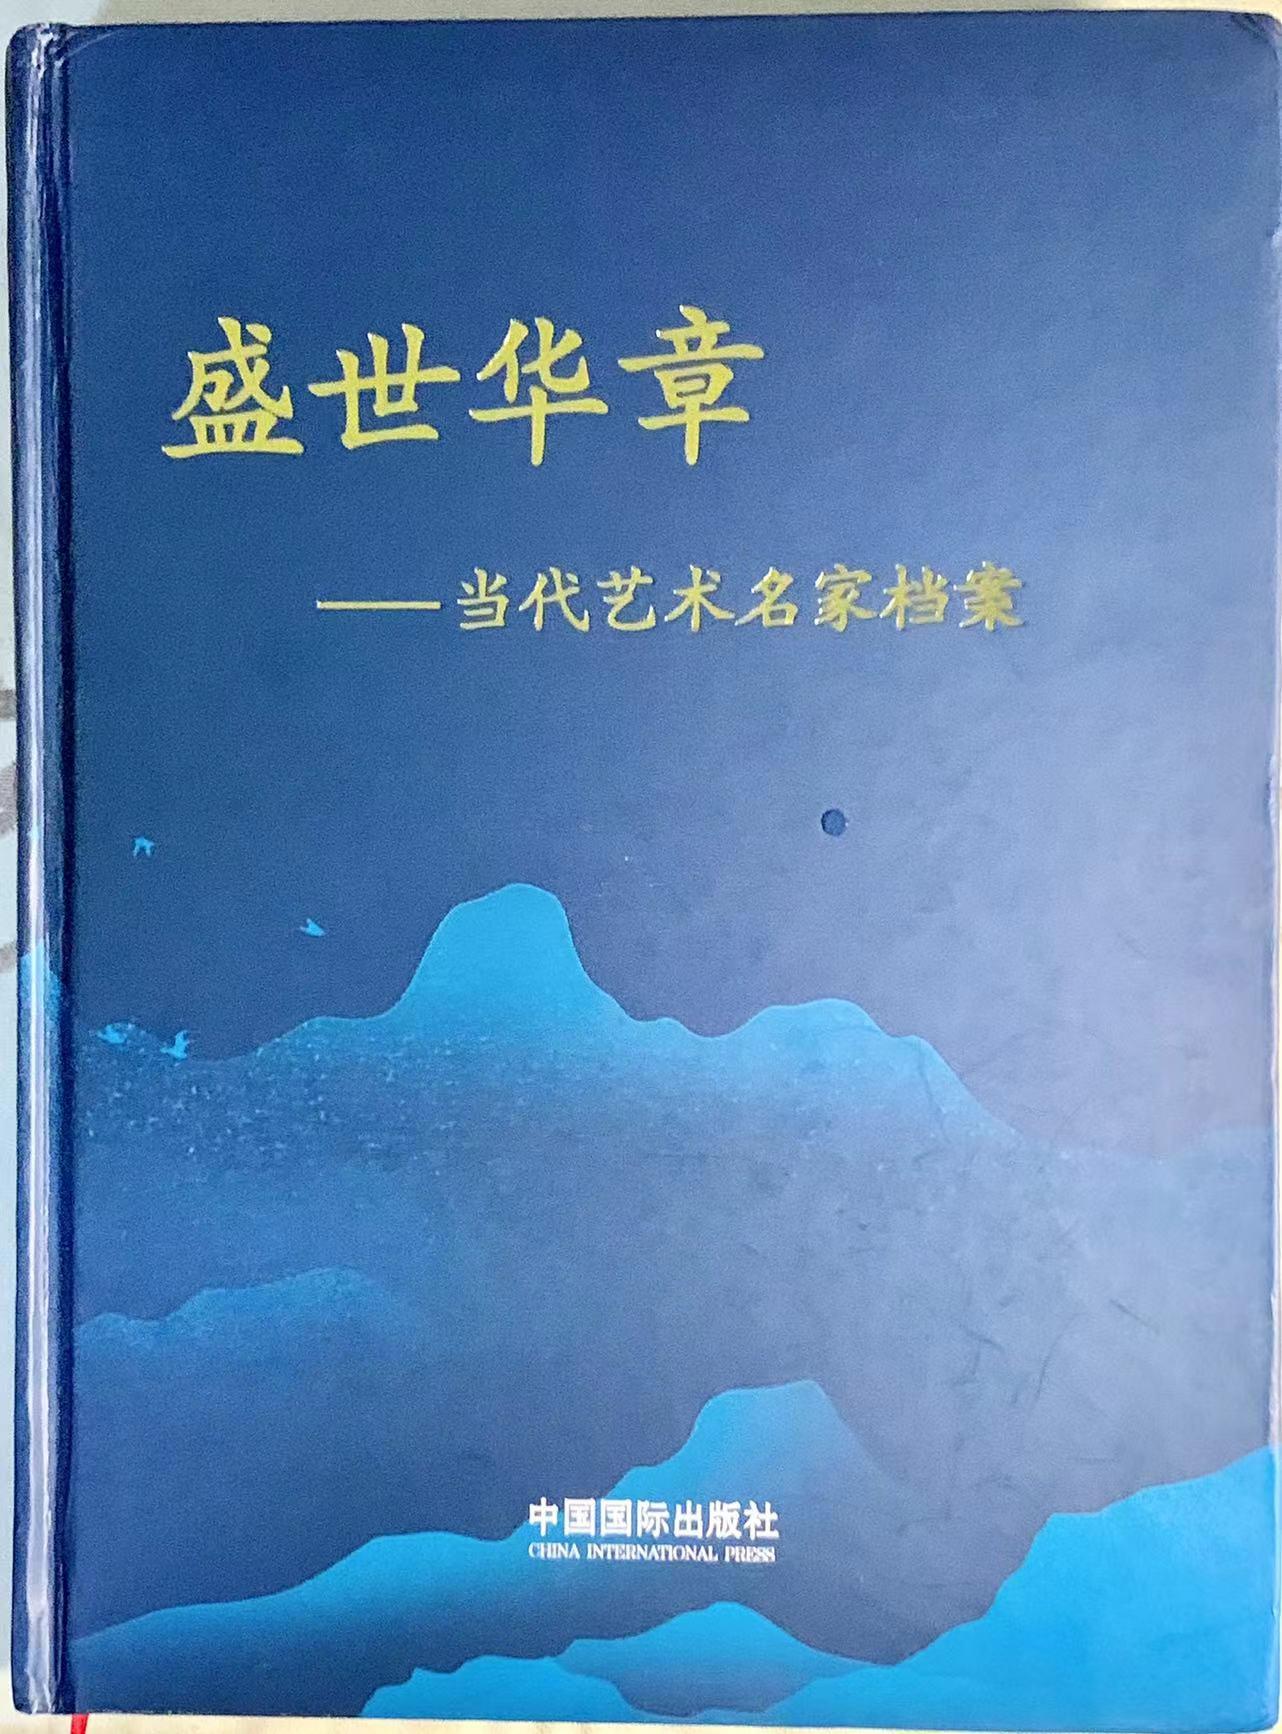 著名诗人何基富:诗歌作品入选《盛世华章当代艺术名家档案》